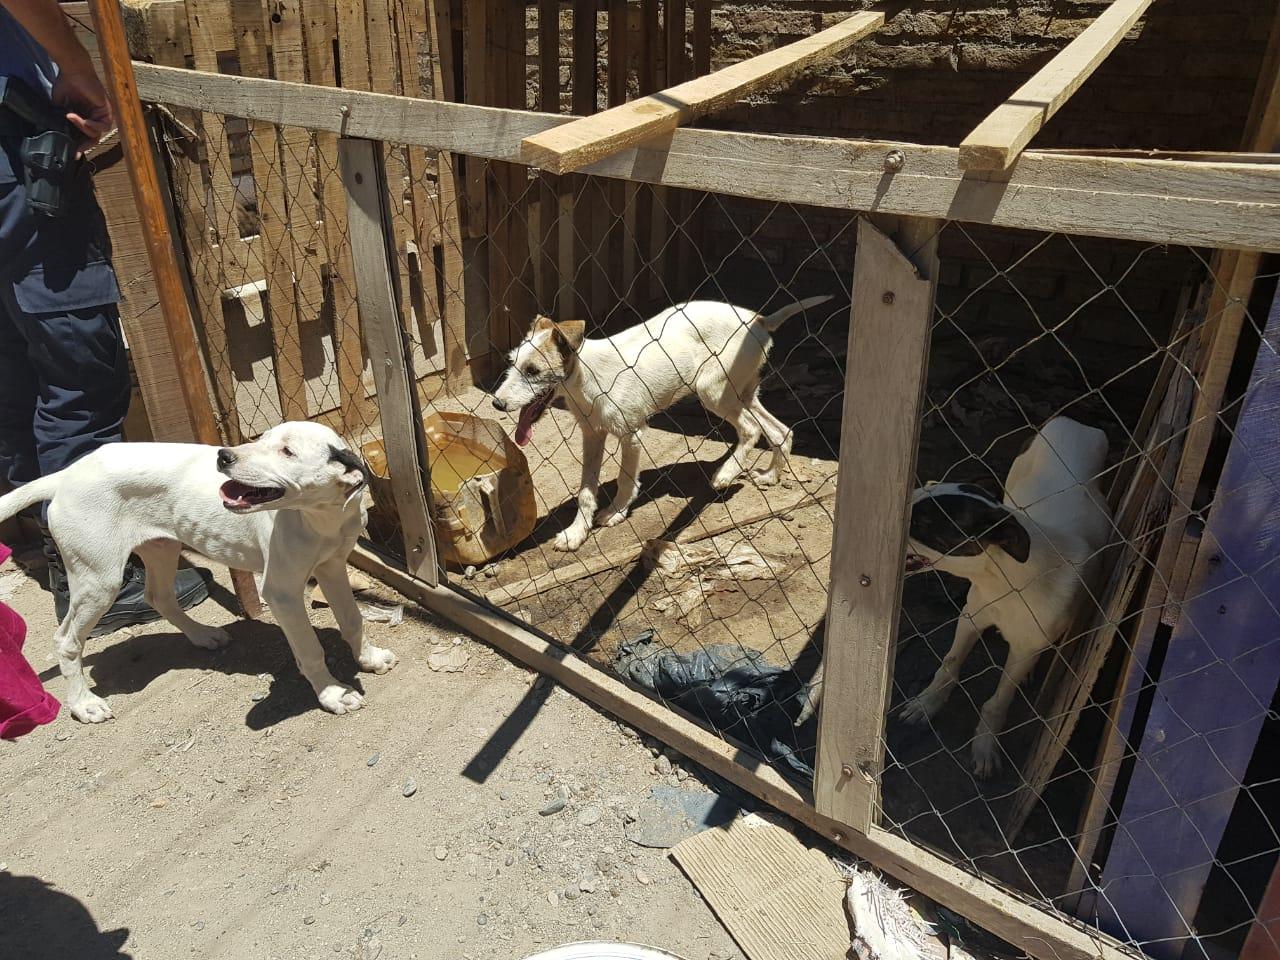 Allanamiento y rescate de cachorros por denuncia por maltrato animal